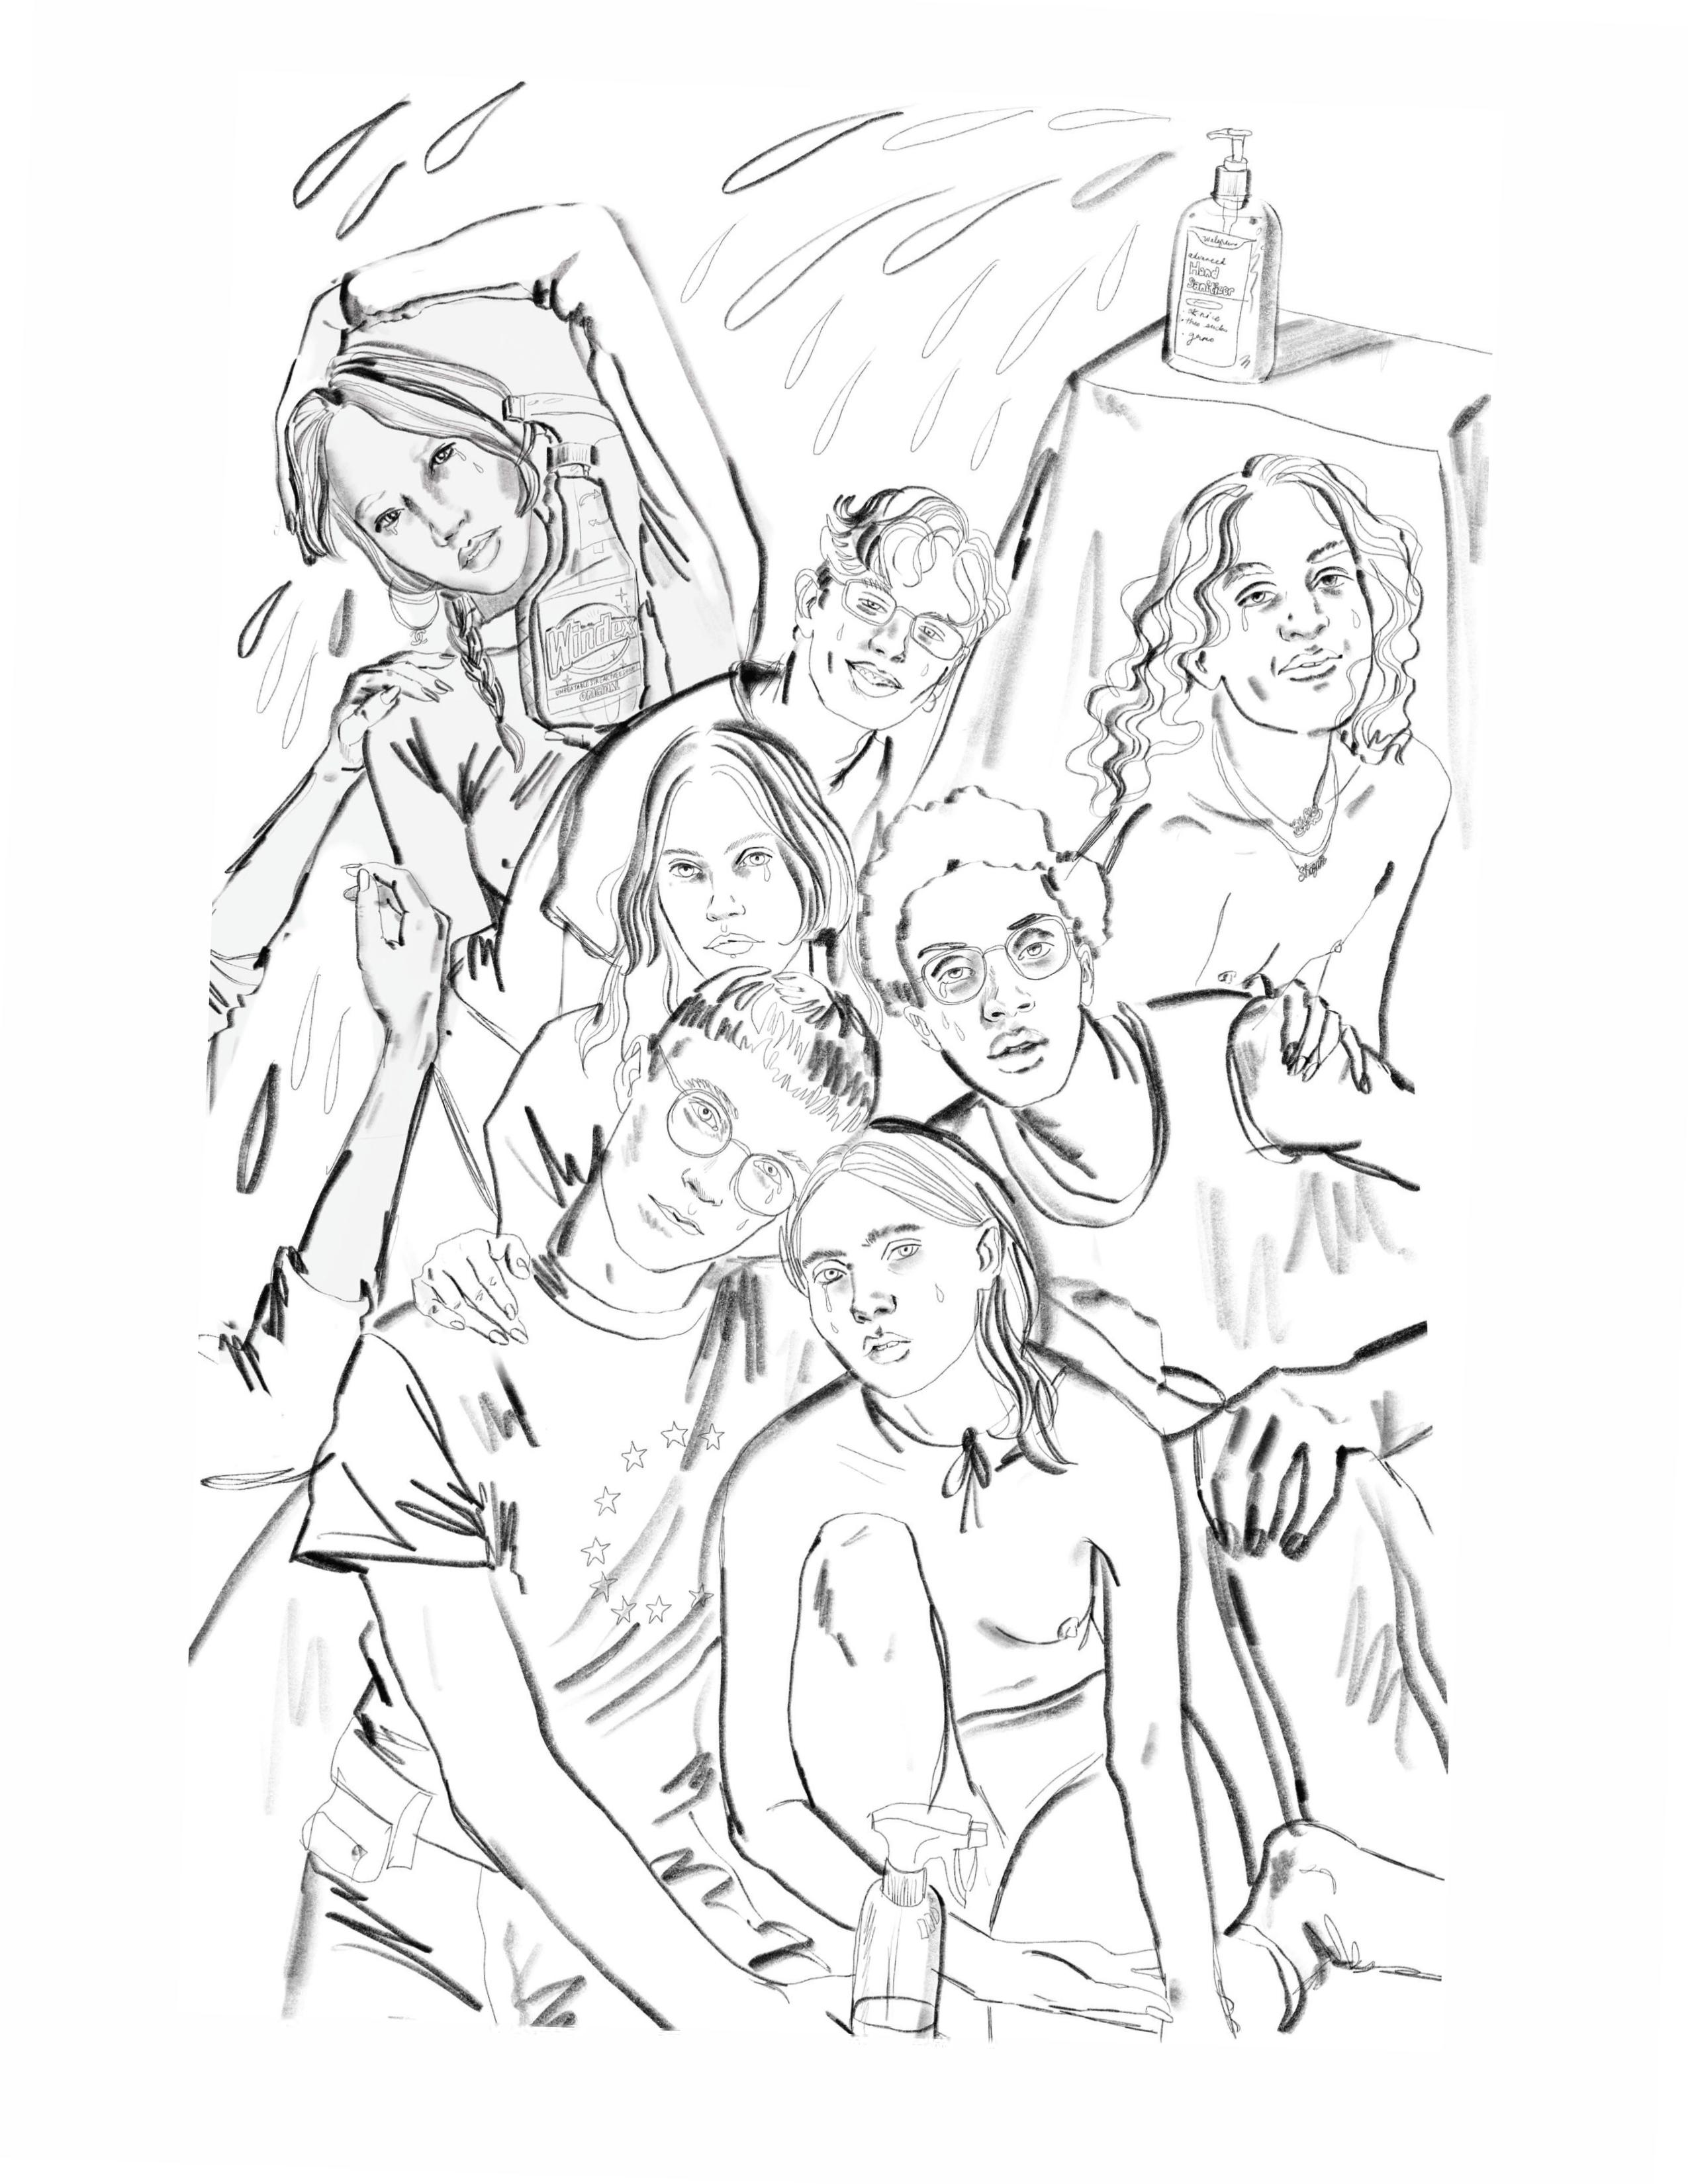 1588913106565-Chloe-Wise-_Saniteary-Eyed_-2020-Image-courtesy-of-artist